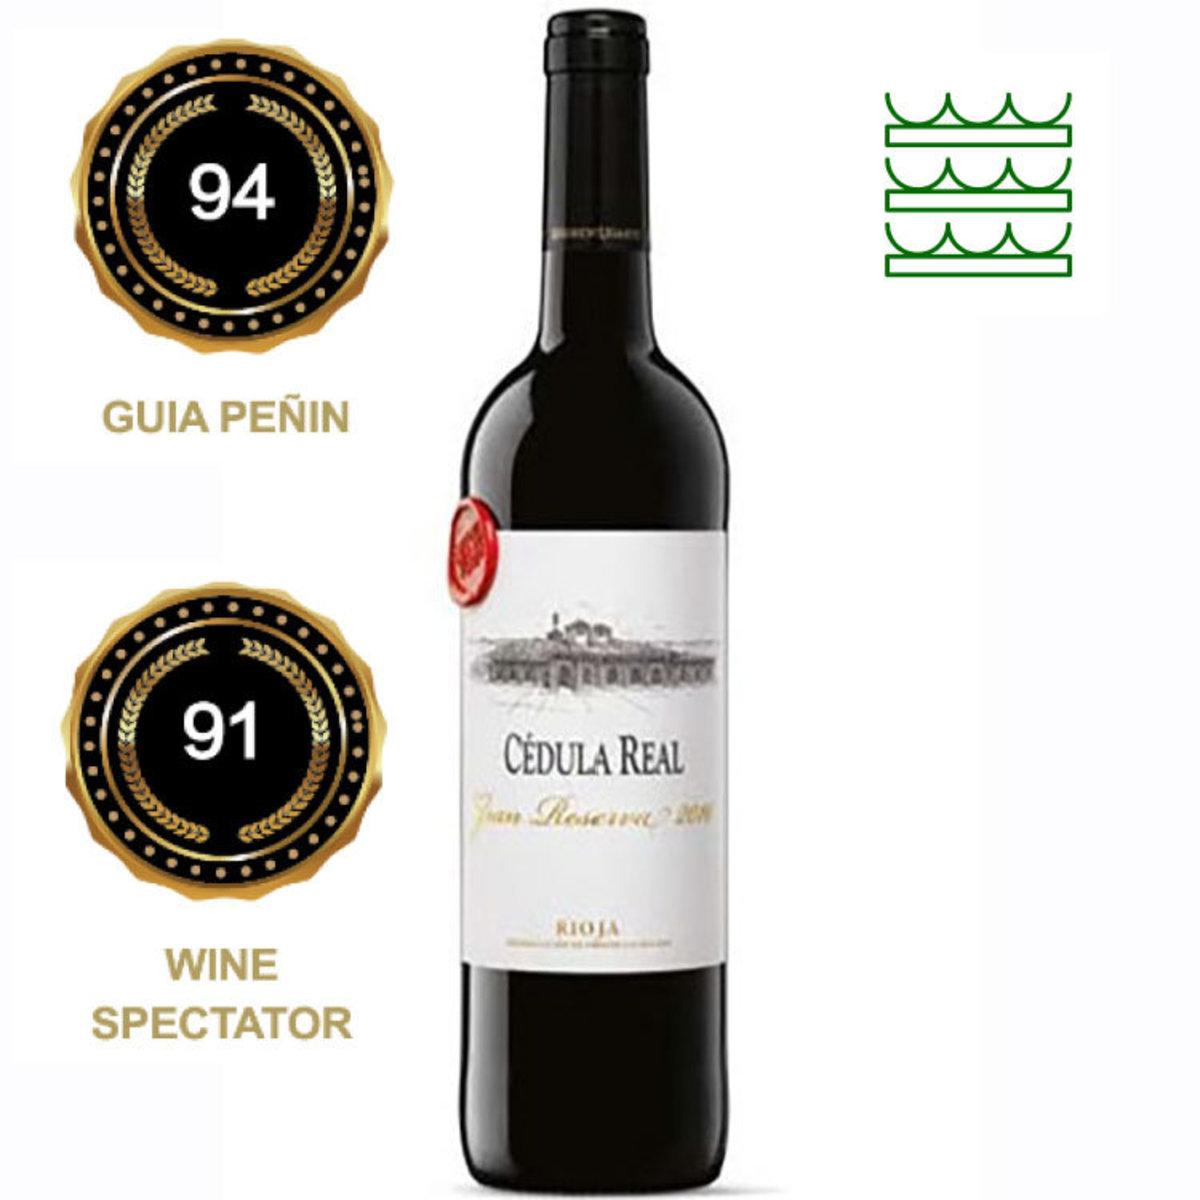 西班牙紅酒里奧哈 Gran Reserva 2012